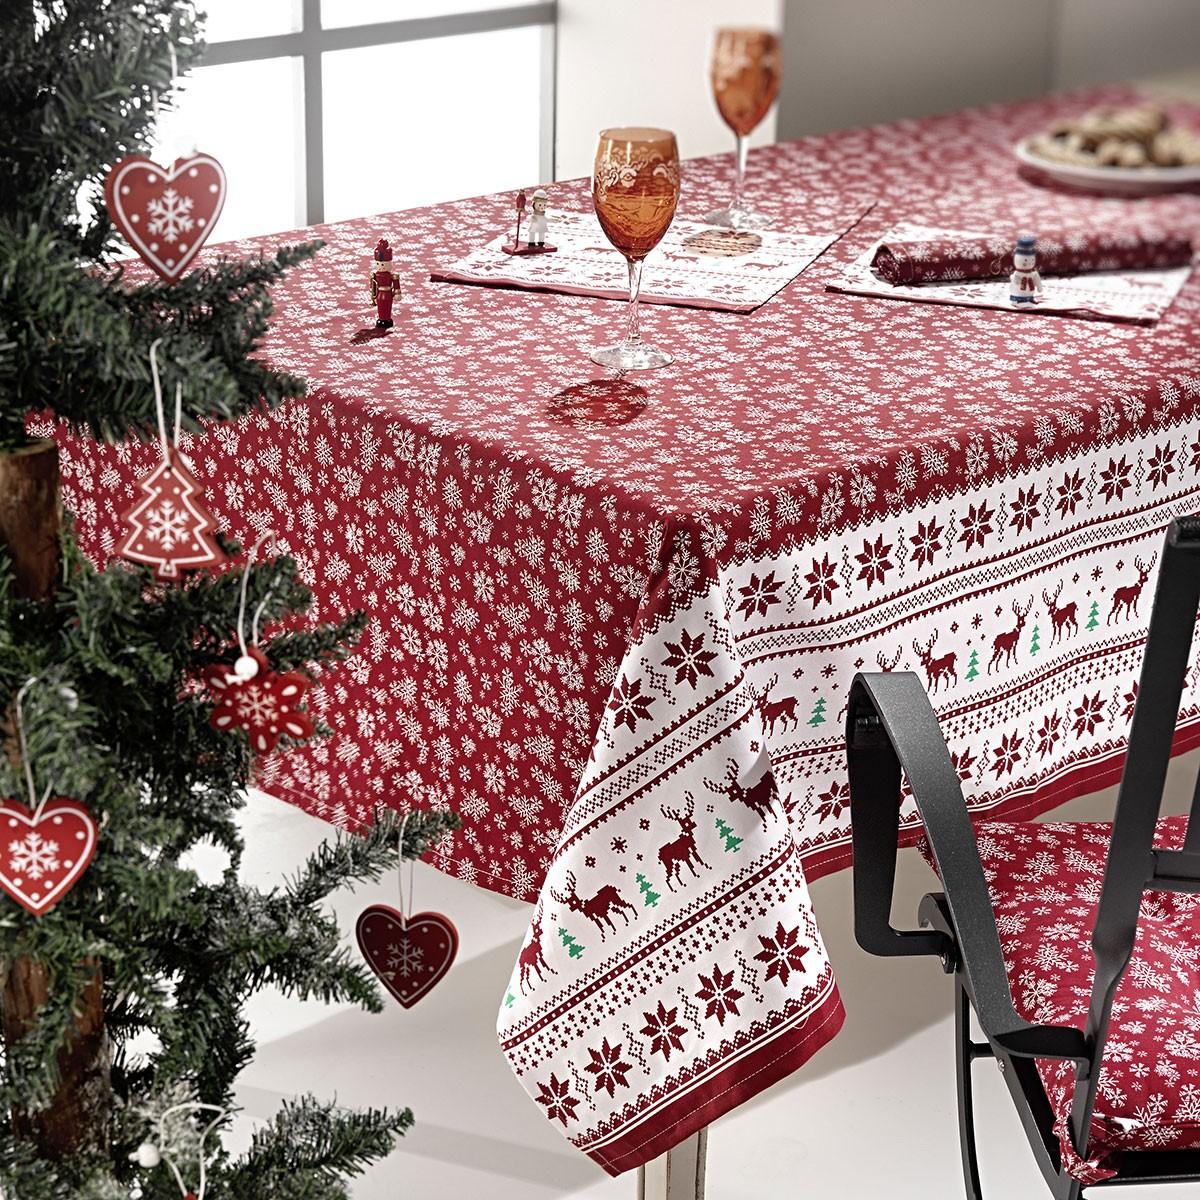 Χριστουγεννιάτικο Τραπεζομάντηλο (150×250) Nima Rudolph